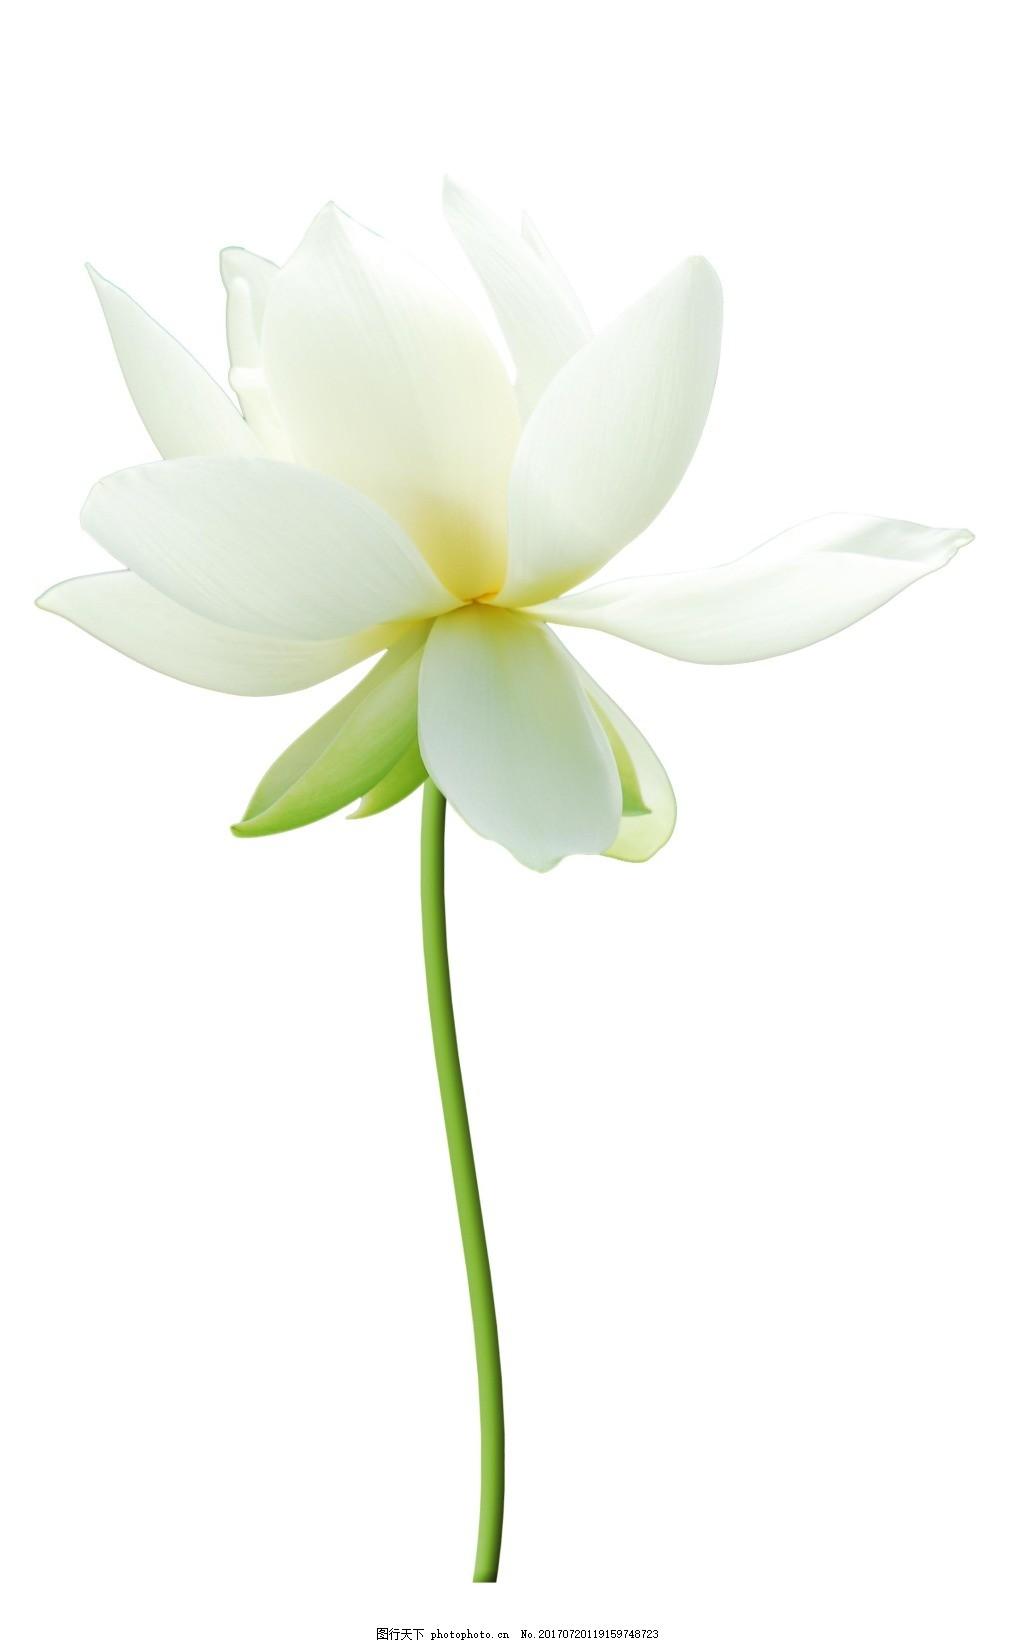 洁白纯真荷花元素 小清新 绿色花枝 白色荷花 免抠